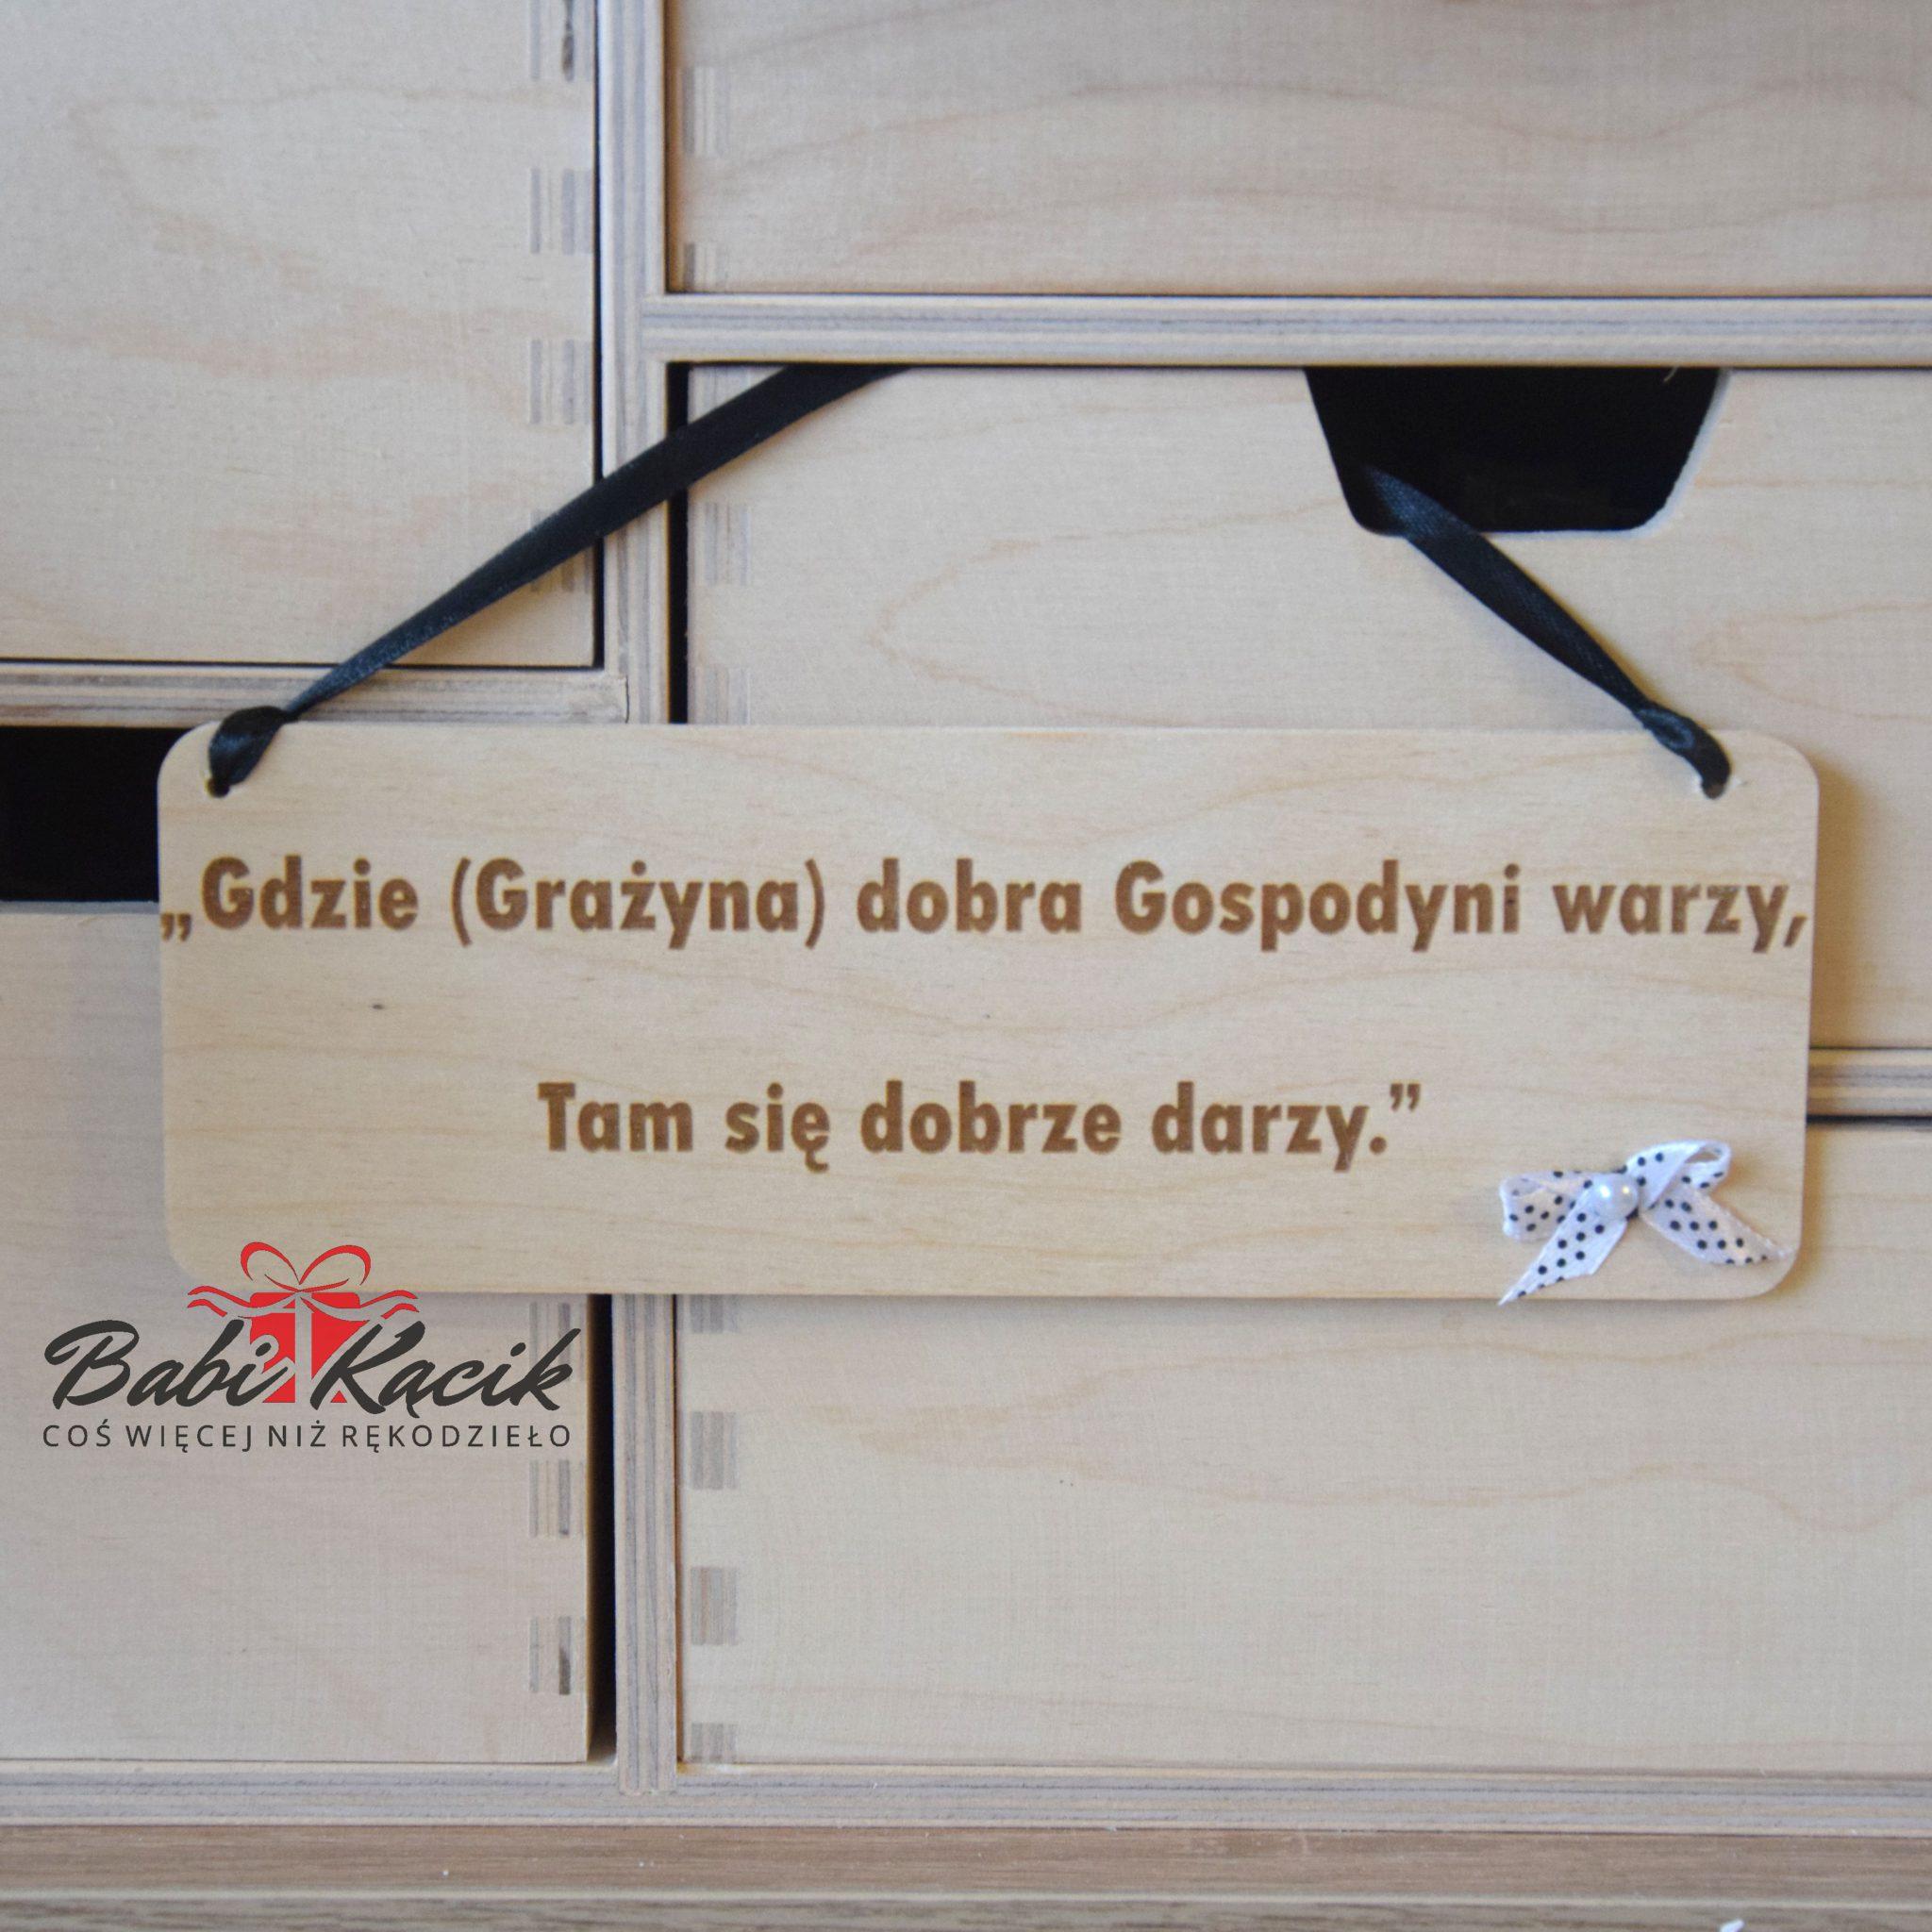 Archiwa Zawieszki Dekoracyjne Babi Kącik